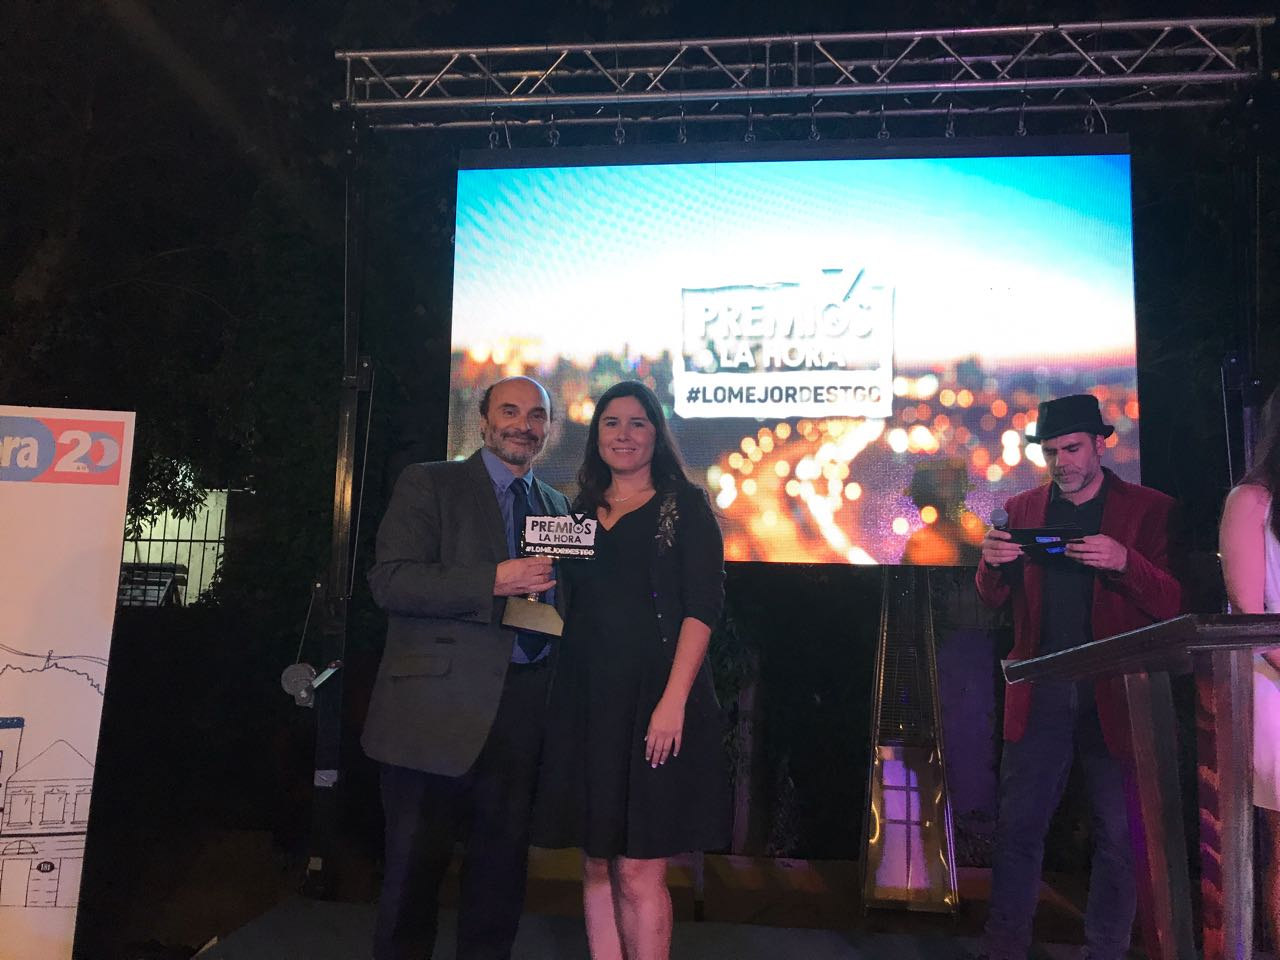 Imagen de Día del Patrimonio obtiene Premio La Hora a Mejor Iniciativa Cultural Patrimonial